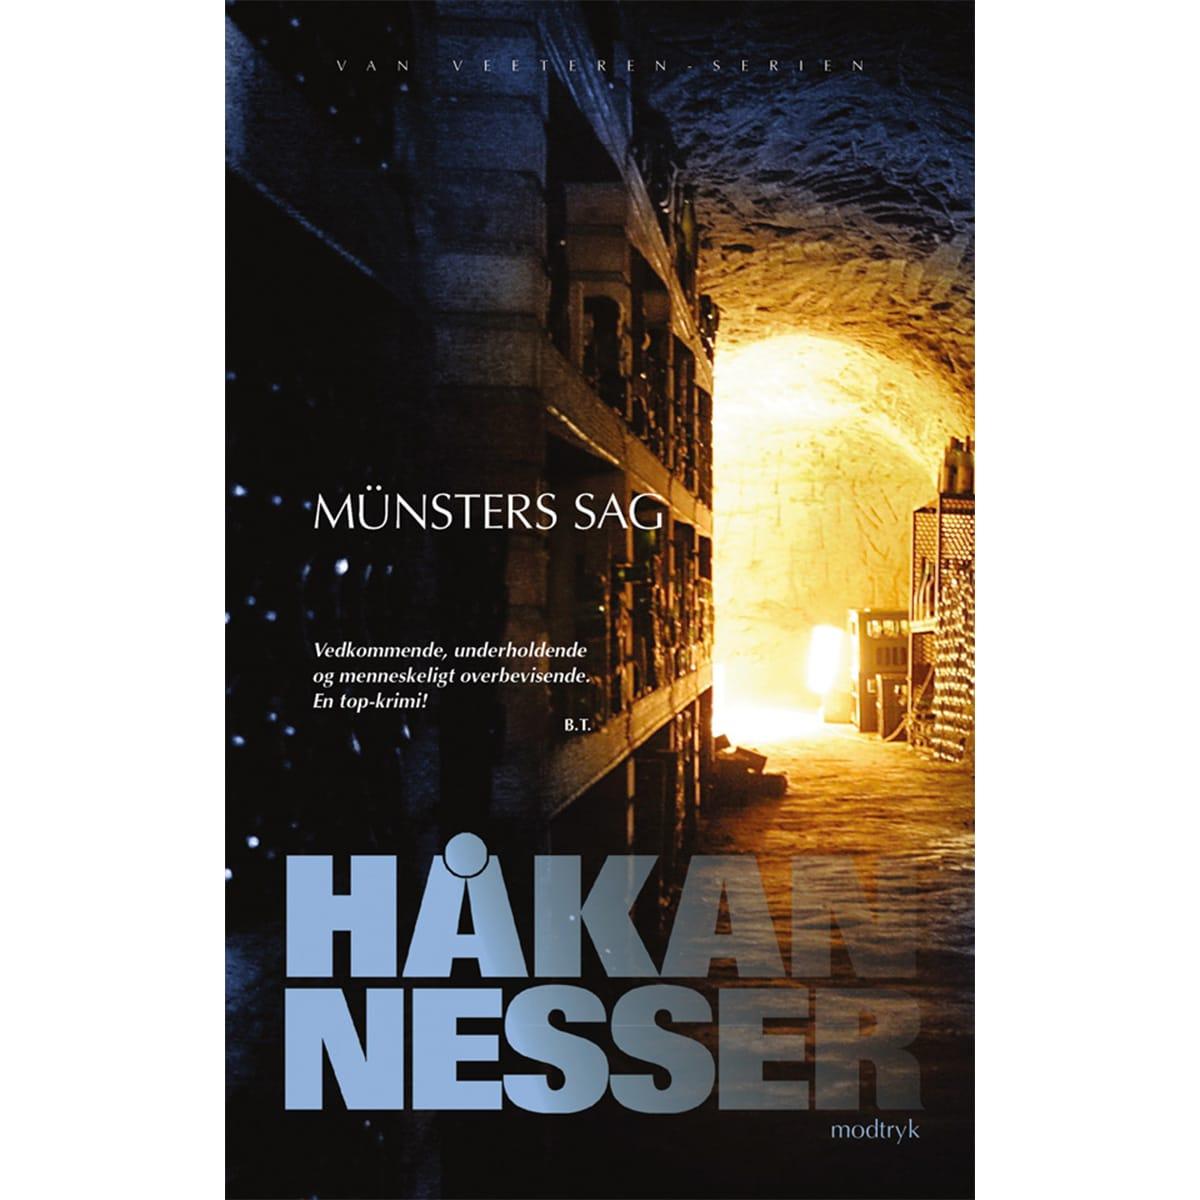 Af Håkan Nesser